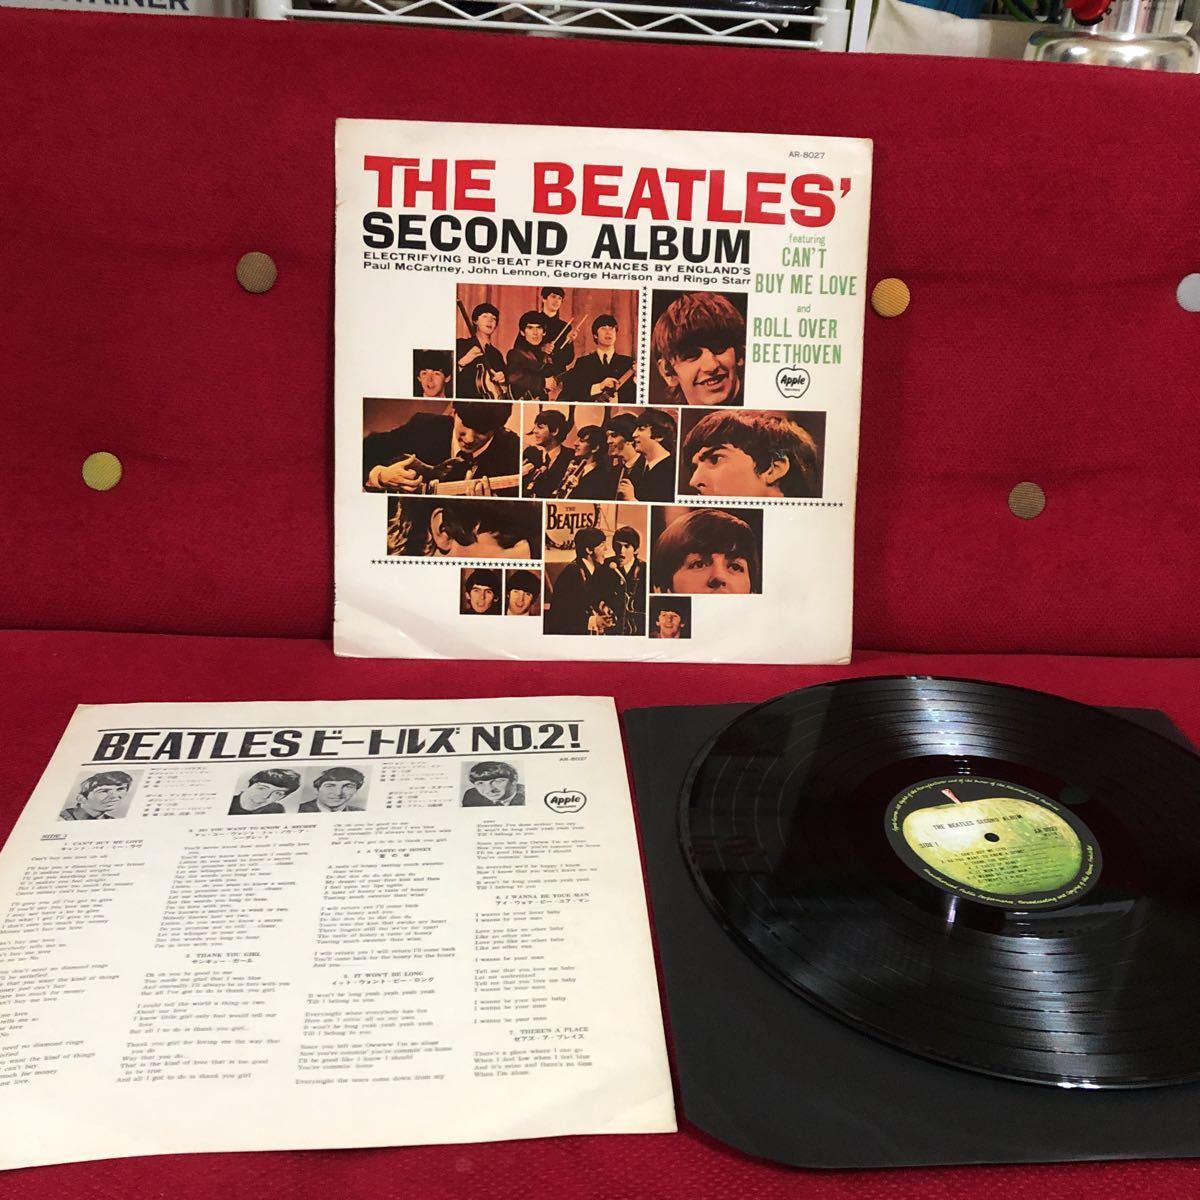 LPレコード★洋楽★THE BEATLES ★ビートルズNO.2!★SECOND ALBUM ★レコード多数出品中  紙ジャケ_画像2